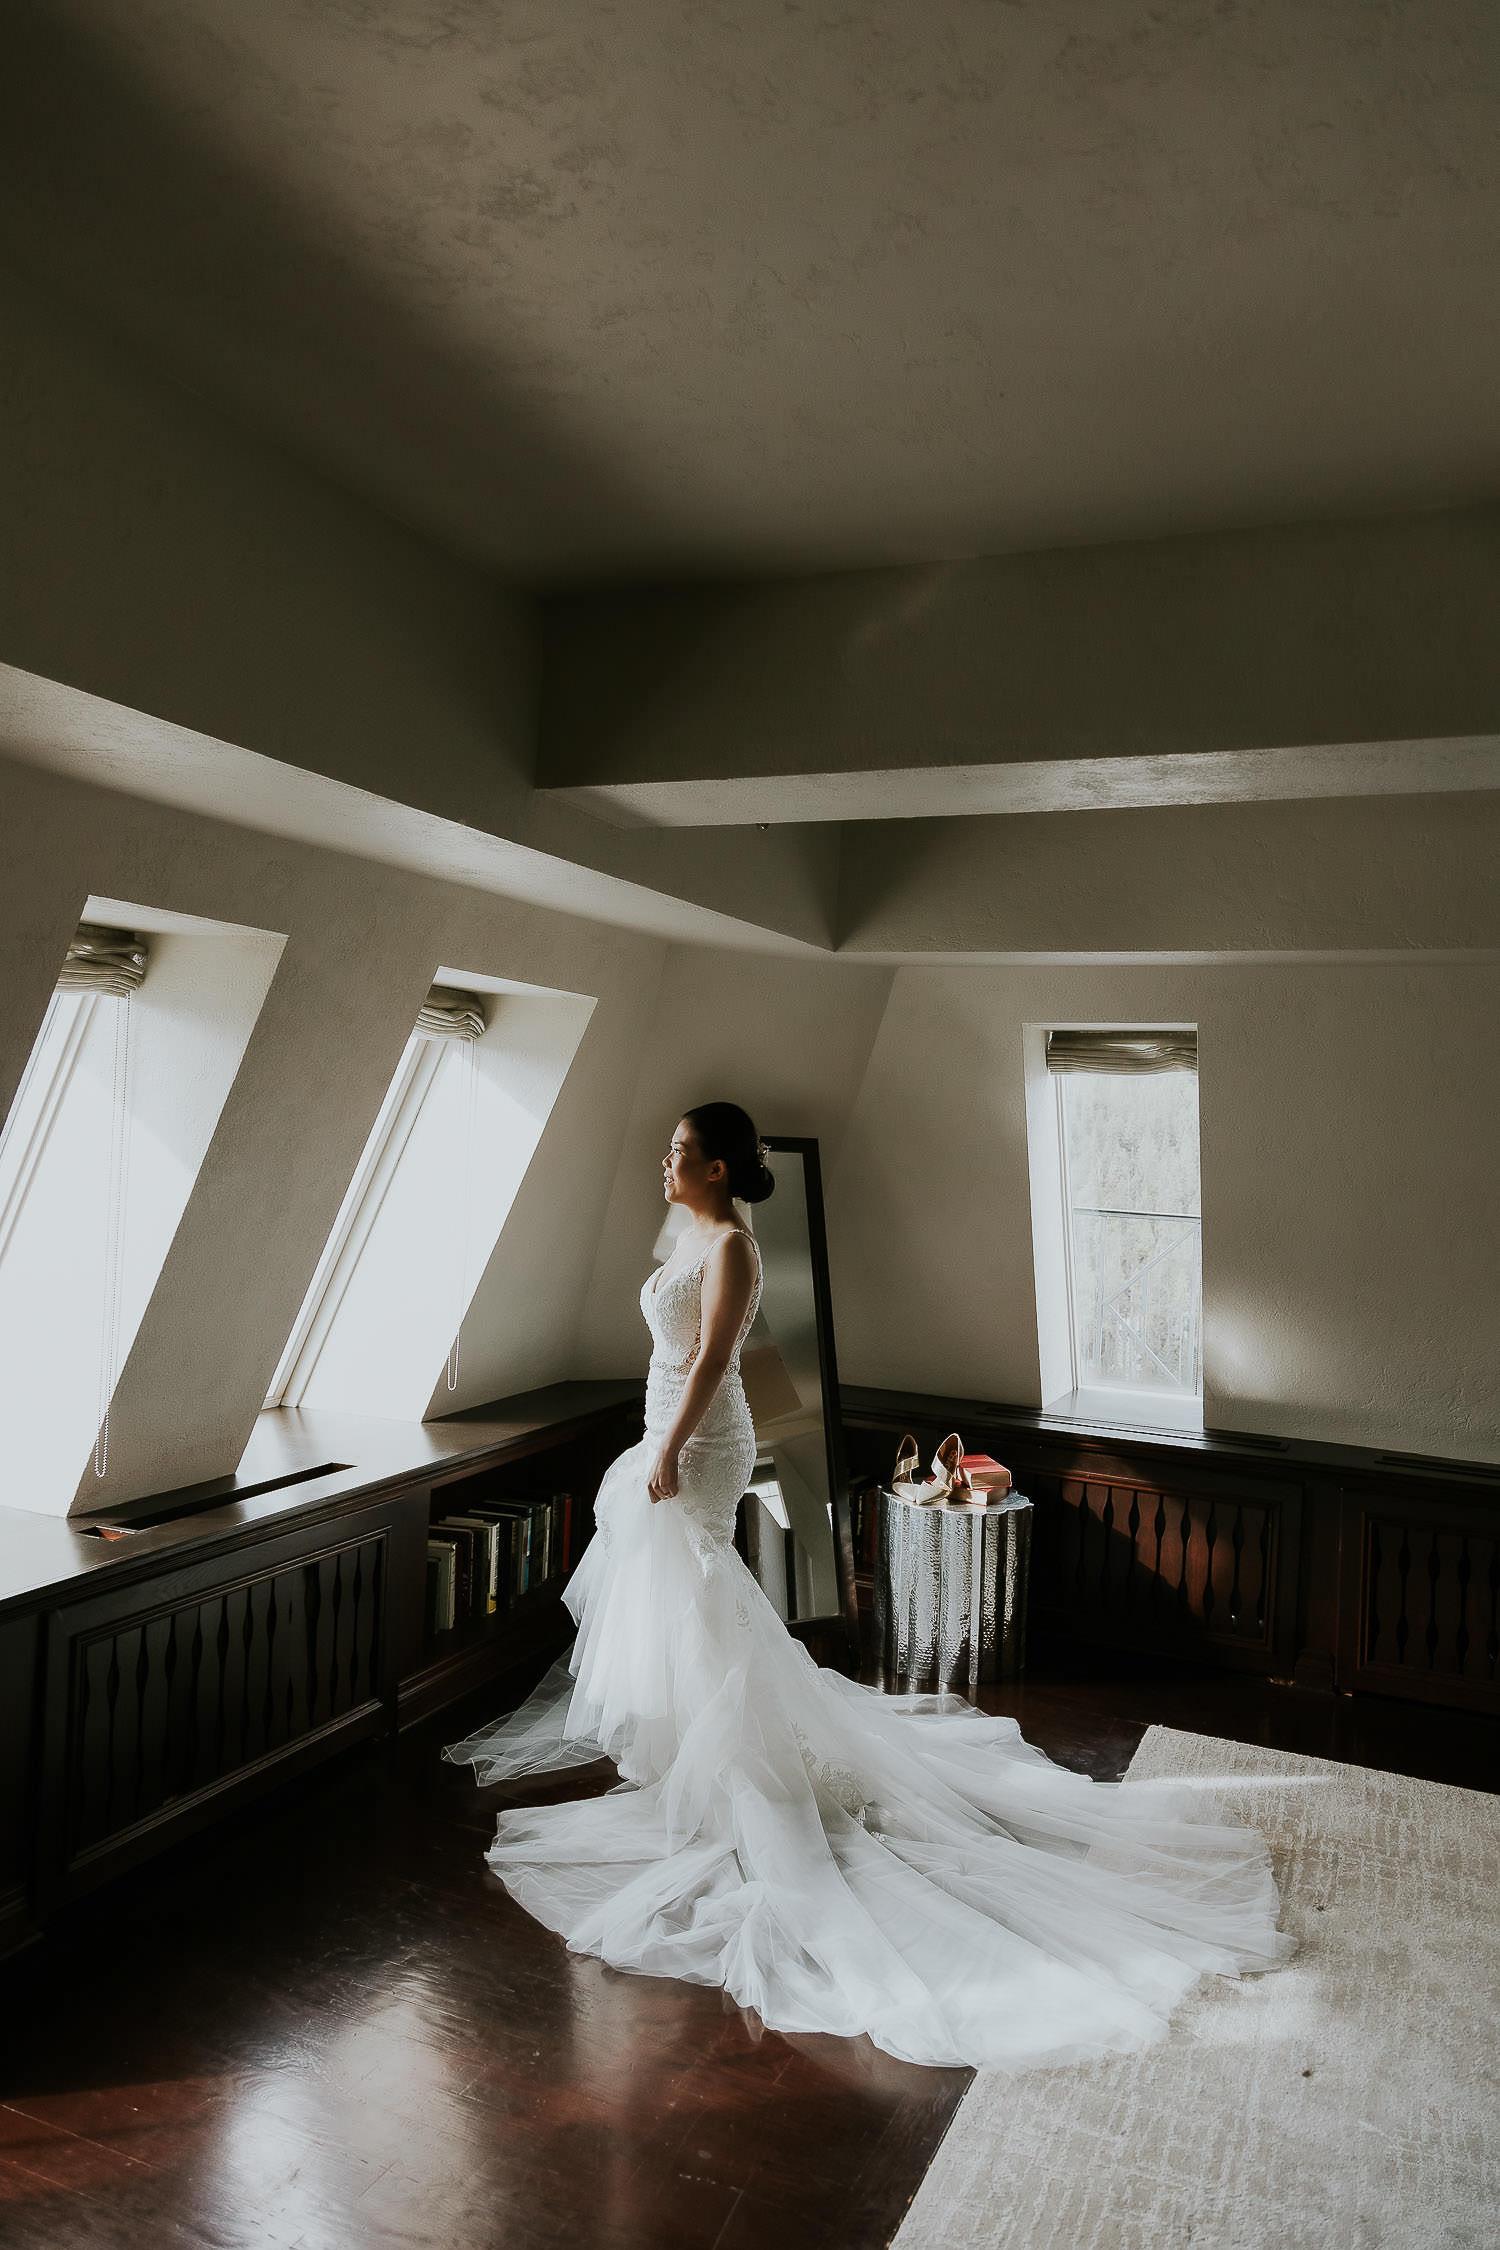 intimate-wedding-at-banff-springs-hotel-sarah-pukin-0038